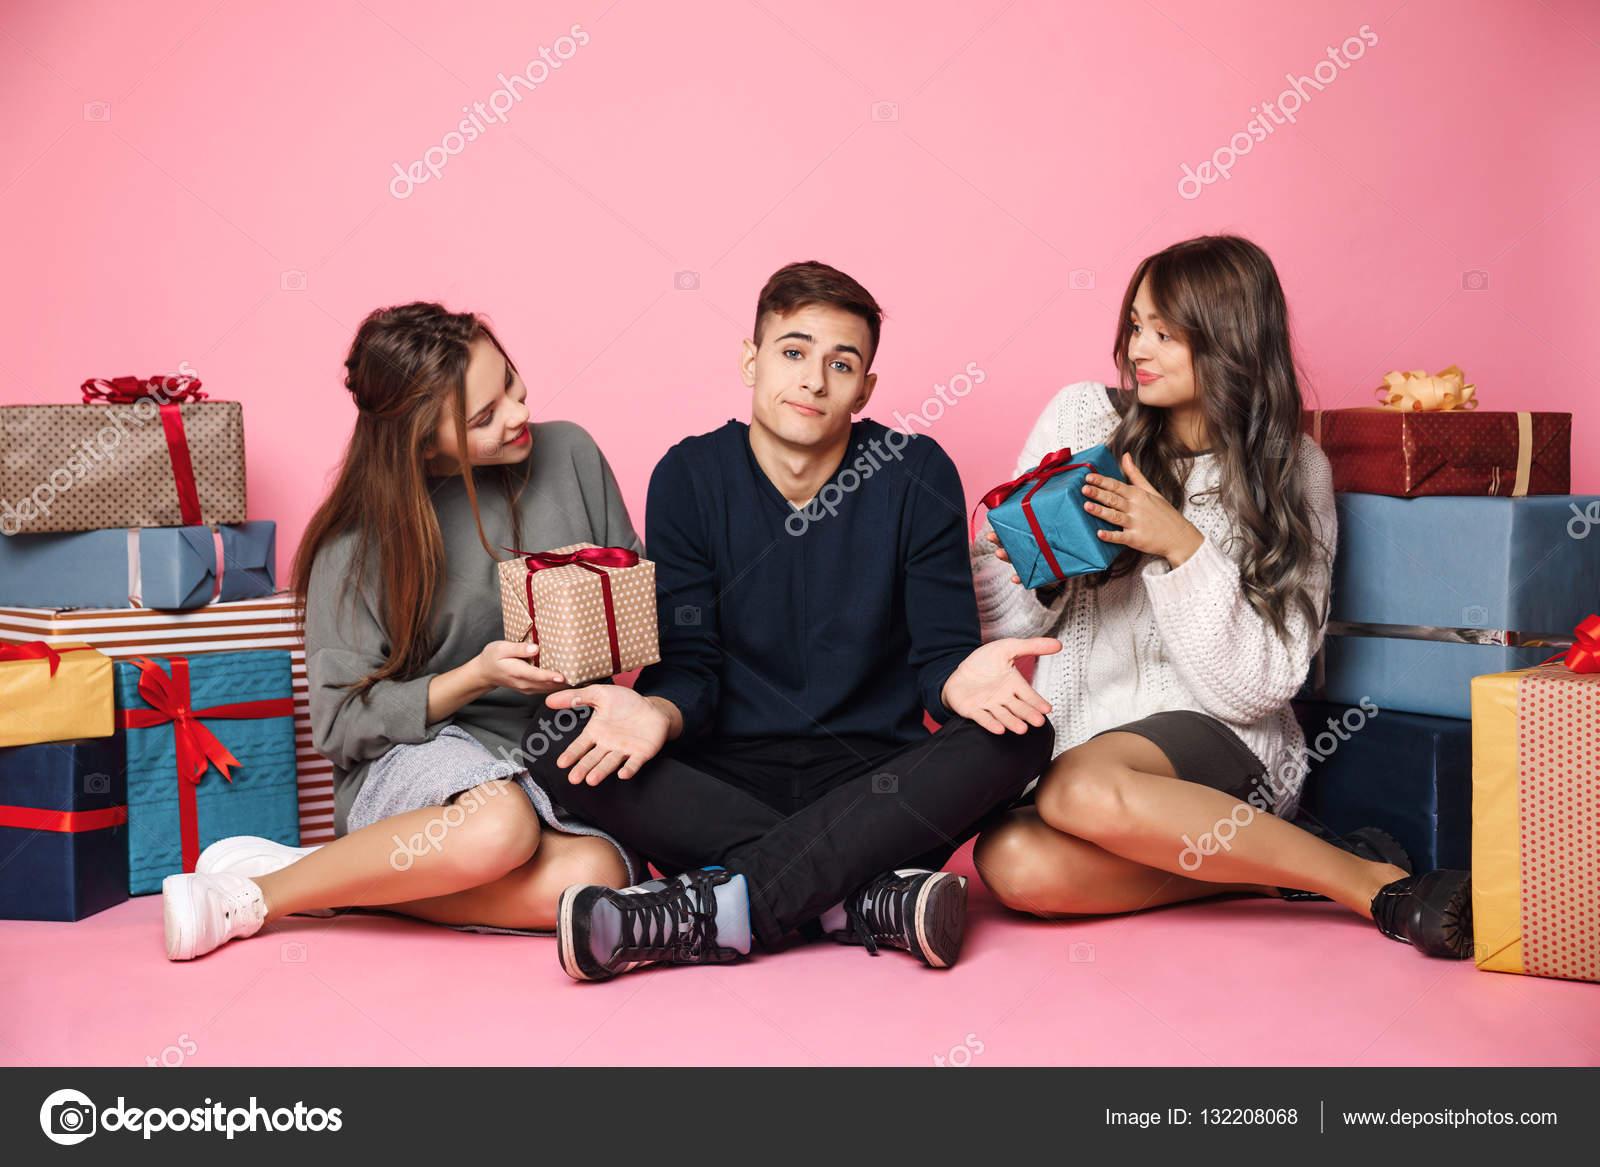 Freunde sitzen unter Weihnachtsgeschenke über rosa Hintergrund. Mann ...